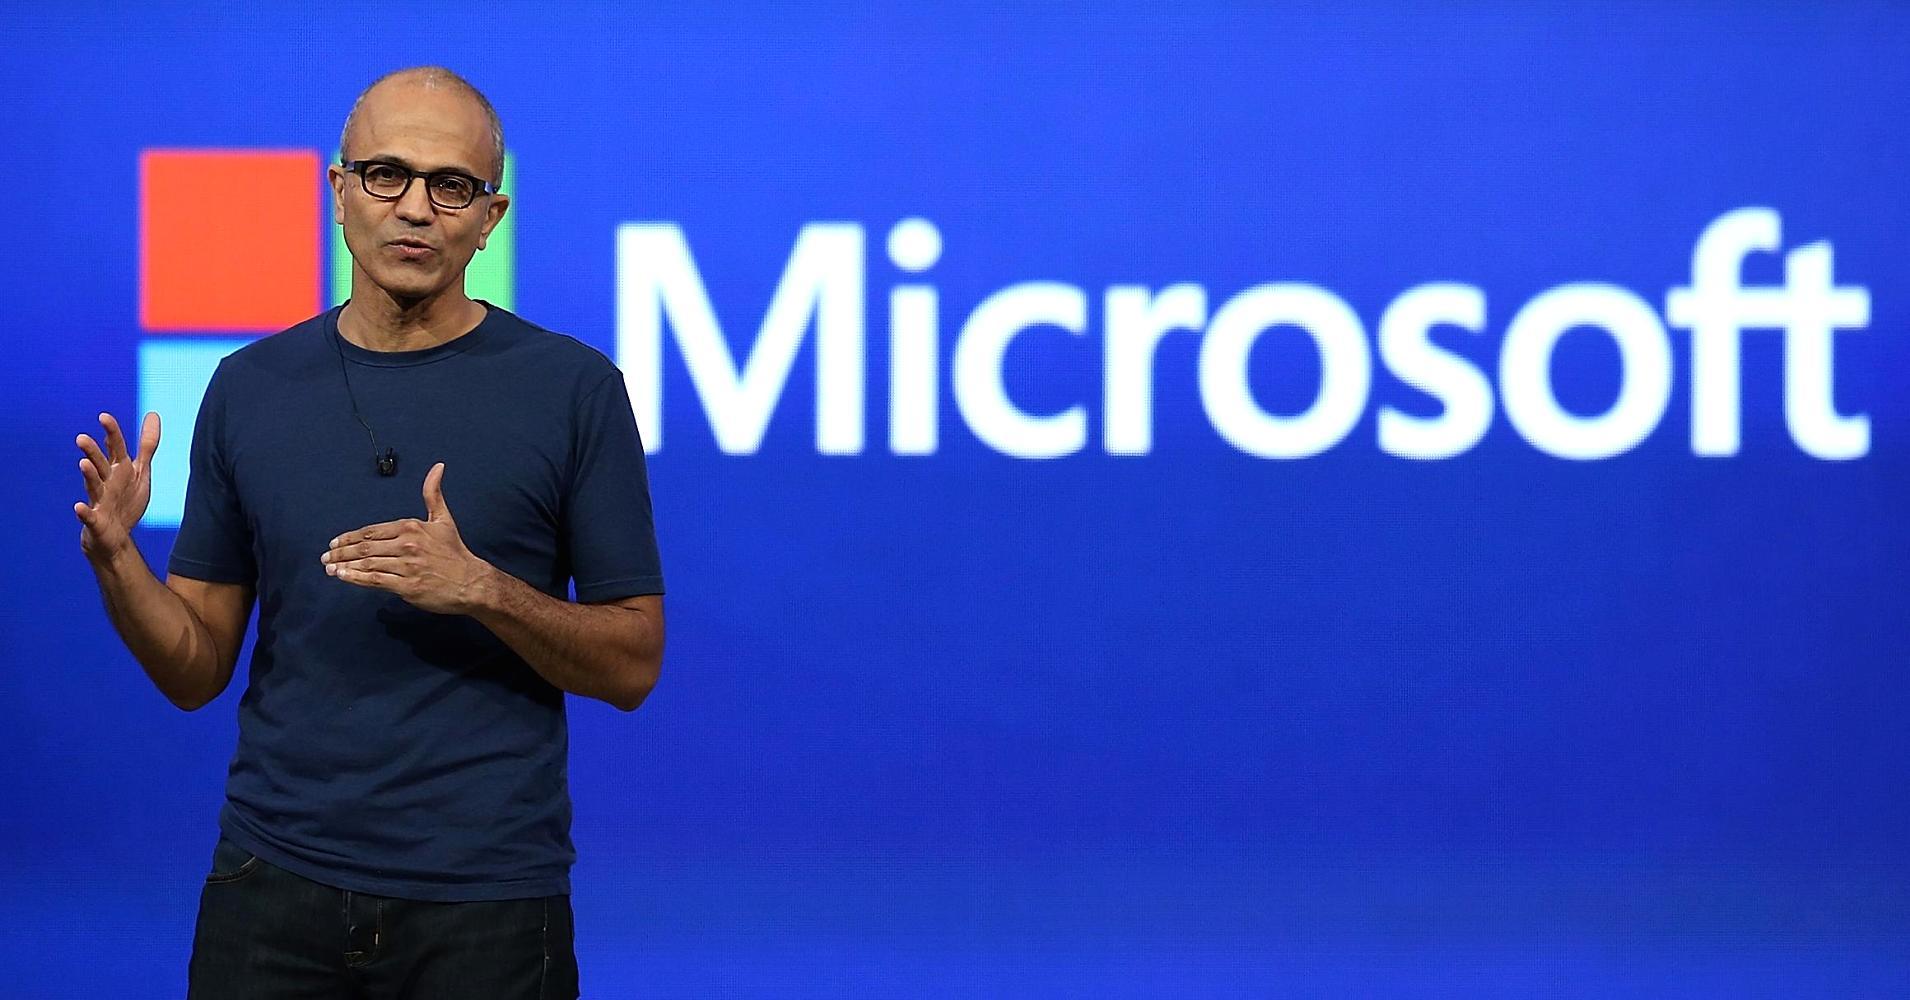 Microsoft irá transmitir o evento do dia 02 de Novembro onde deve ser apresentado o Microsoft Teams